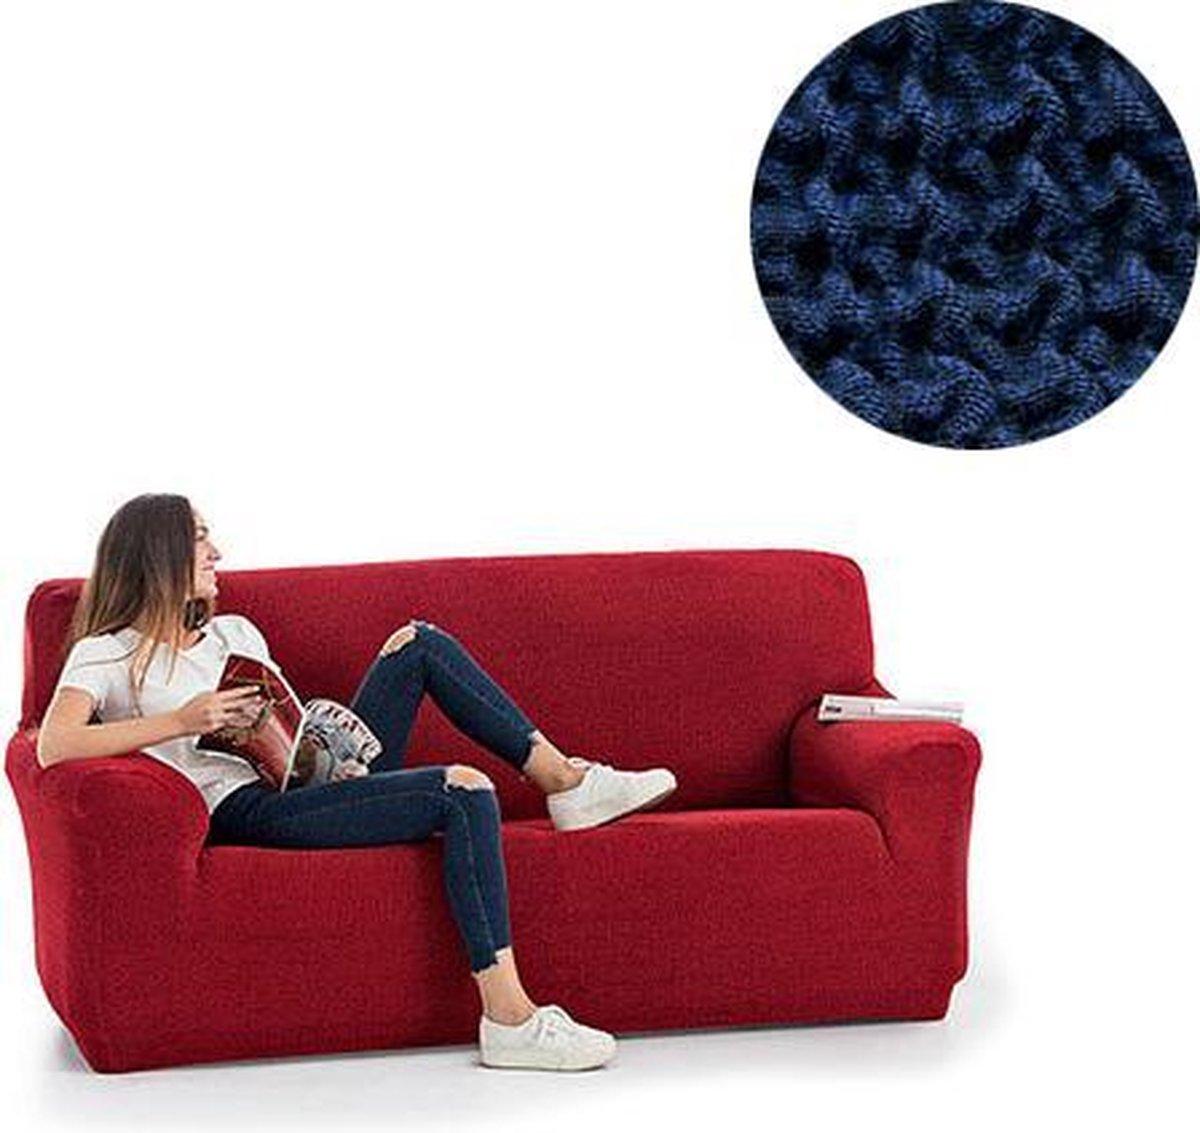 Milos meubelhoezen - Bankhoes 130-180cm - Blauw - Verkrijgbaar in verschillende kleuren!